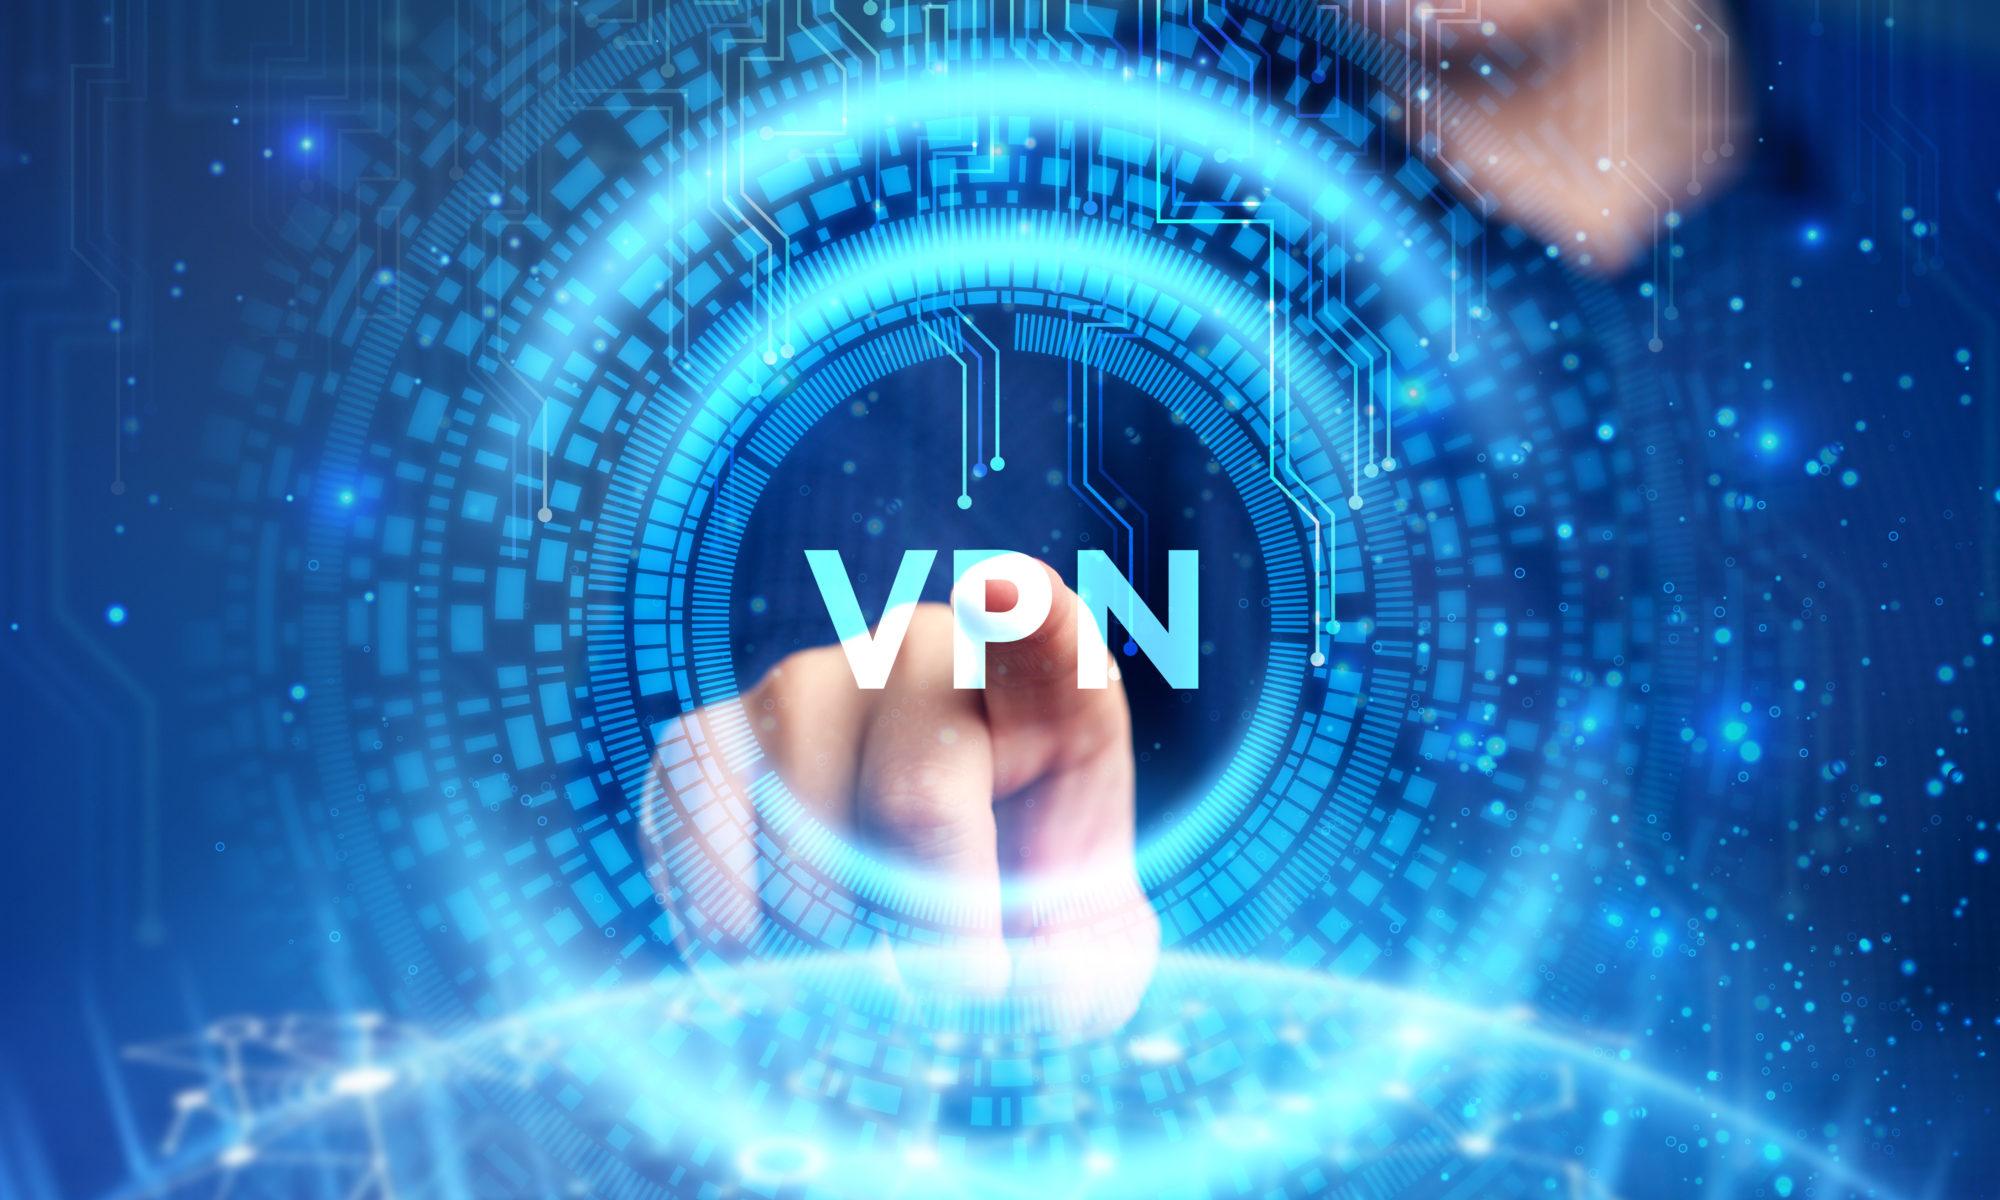 własna sieć VPN